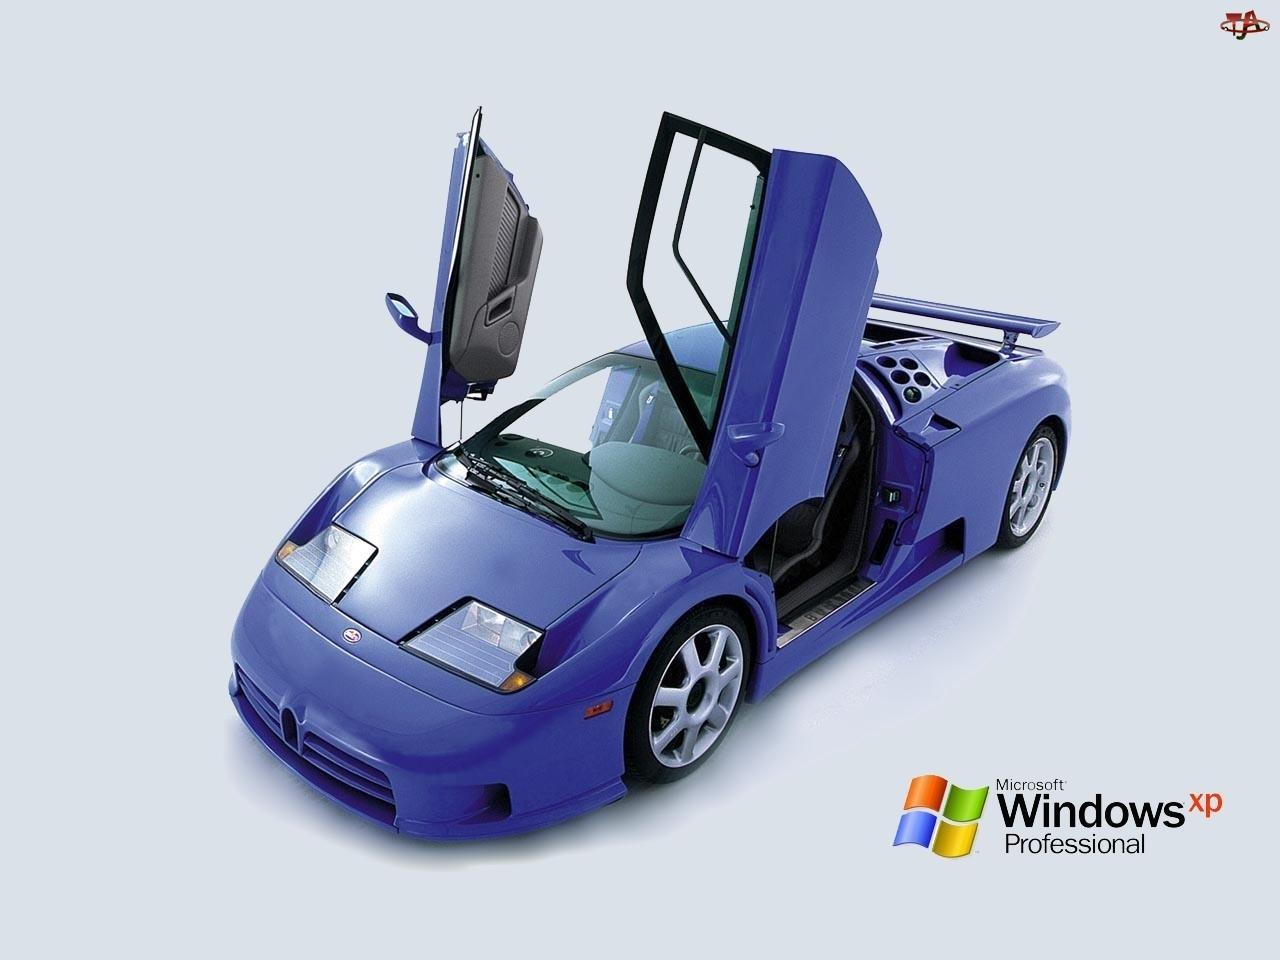 Samochód, System, Windows, Operacyjny, XP